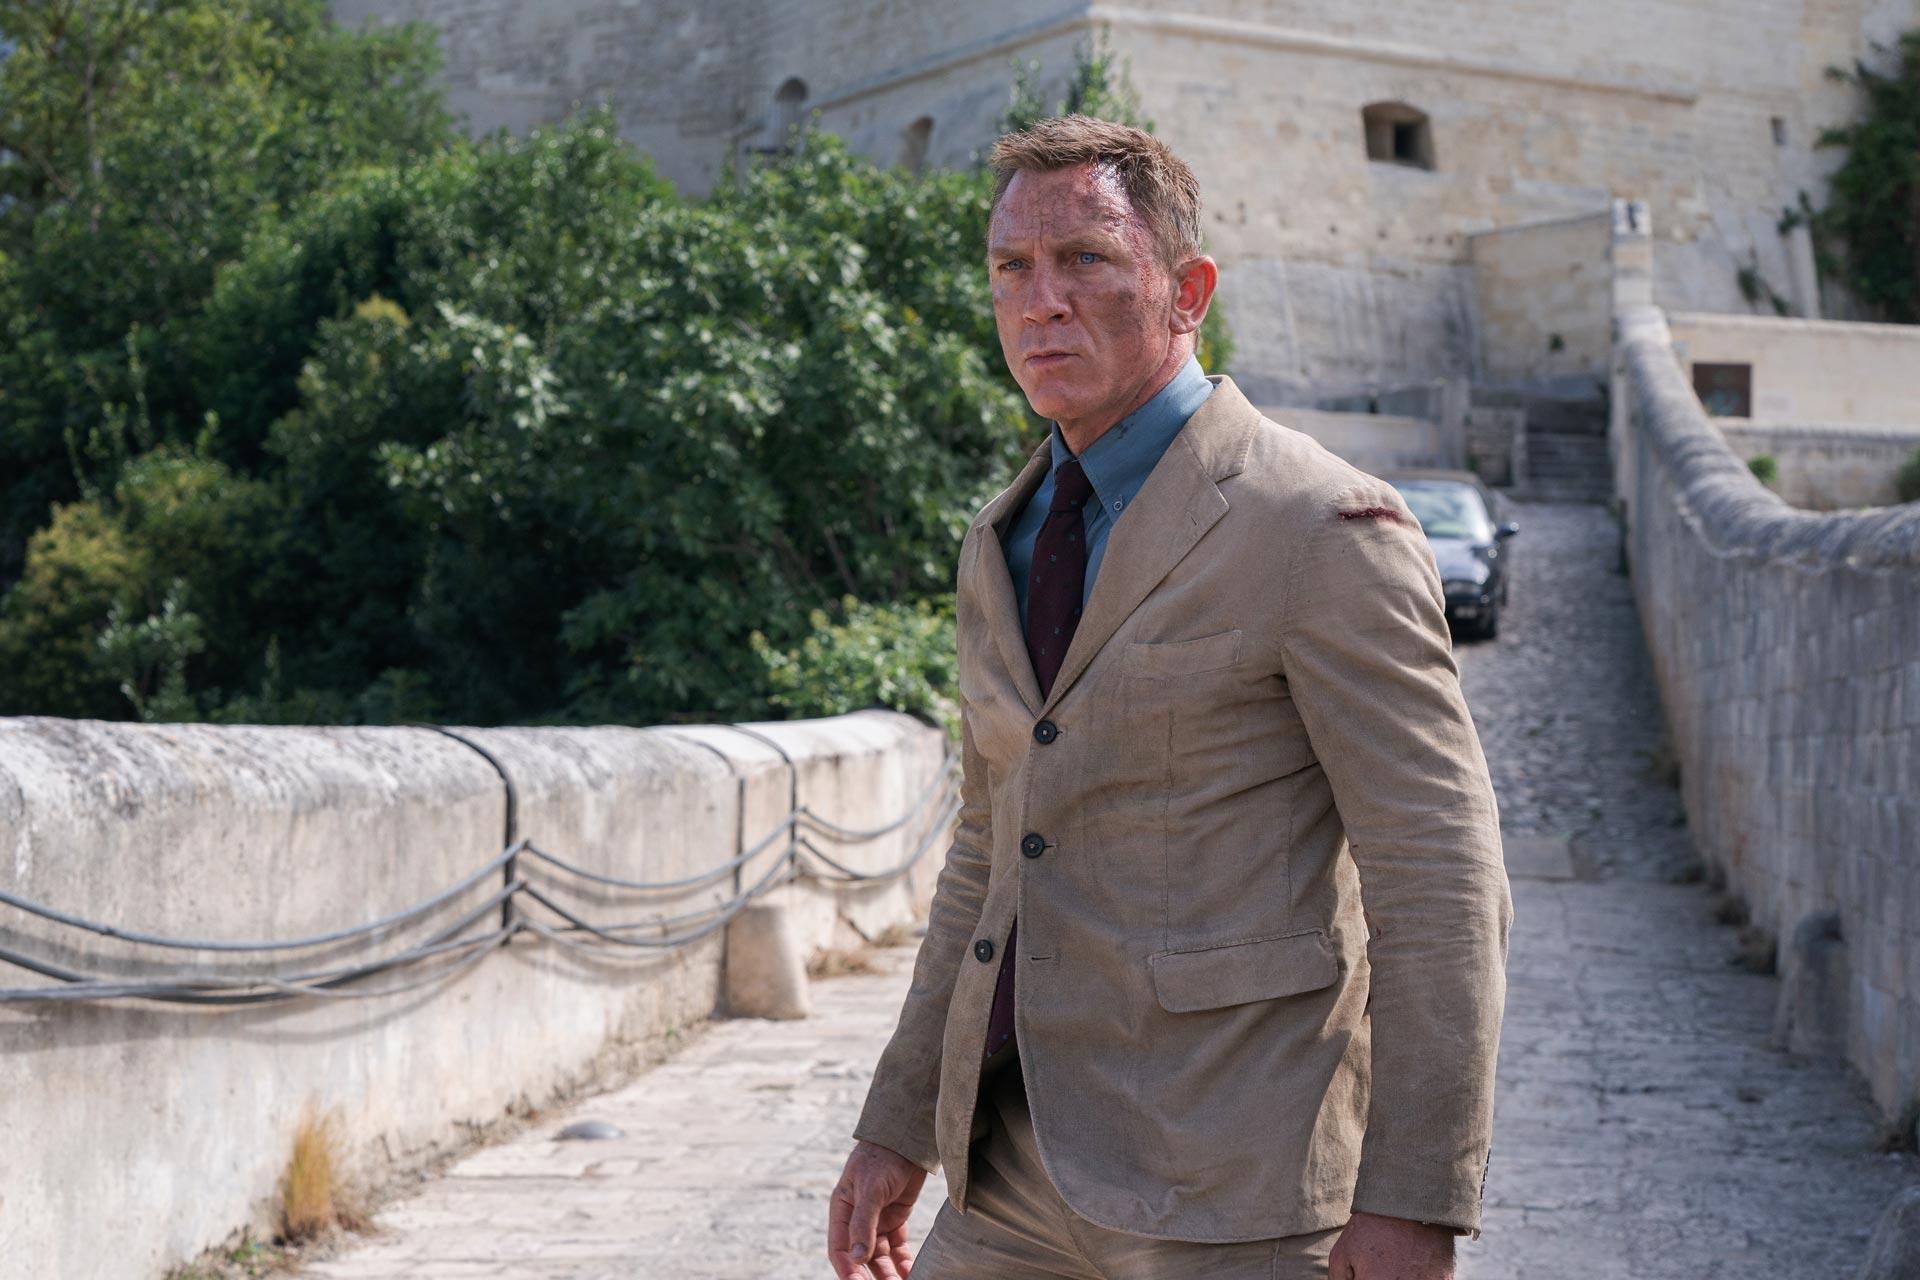 Novo filme do 007 fica bem abaixo nas bilheterias - legadoplus